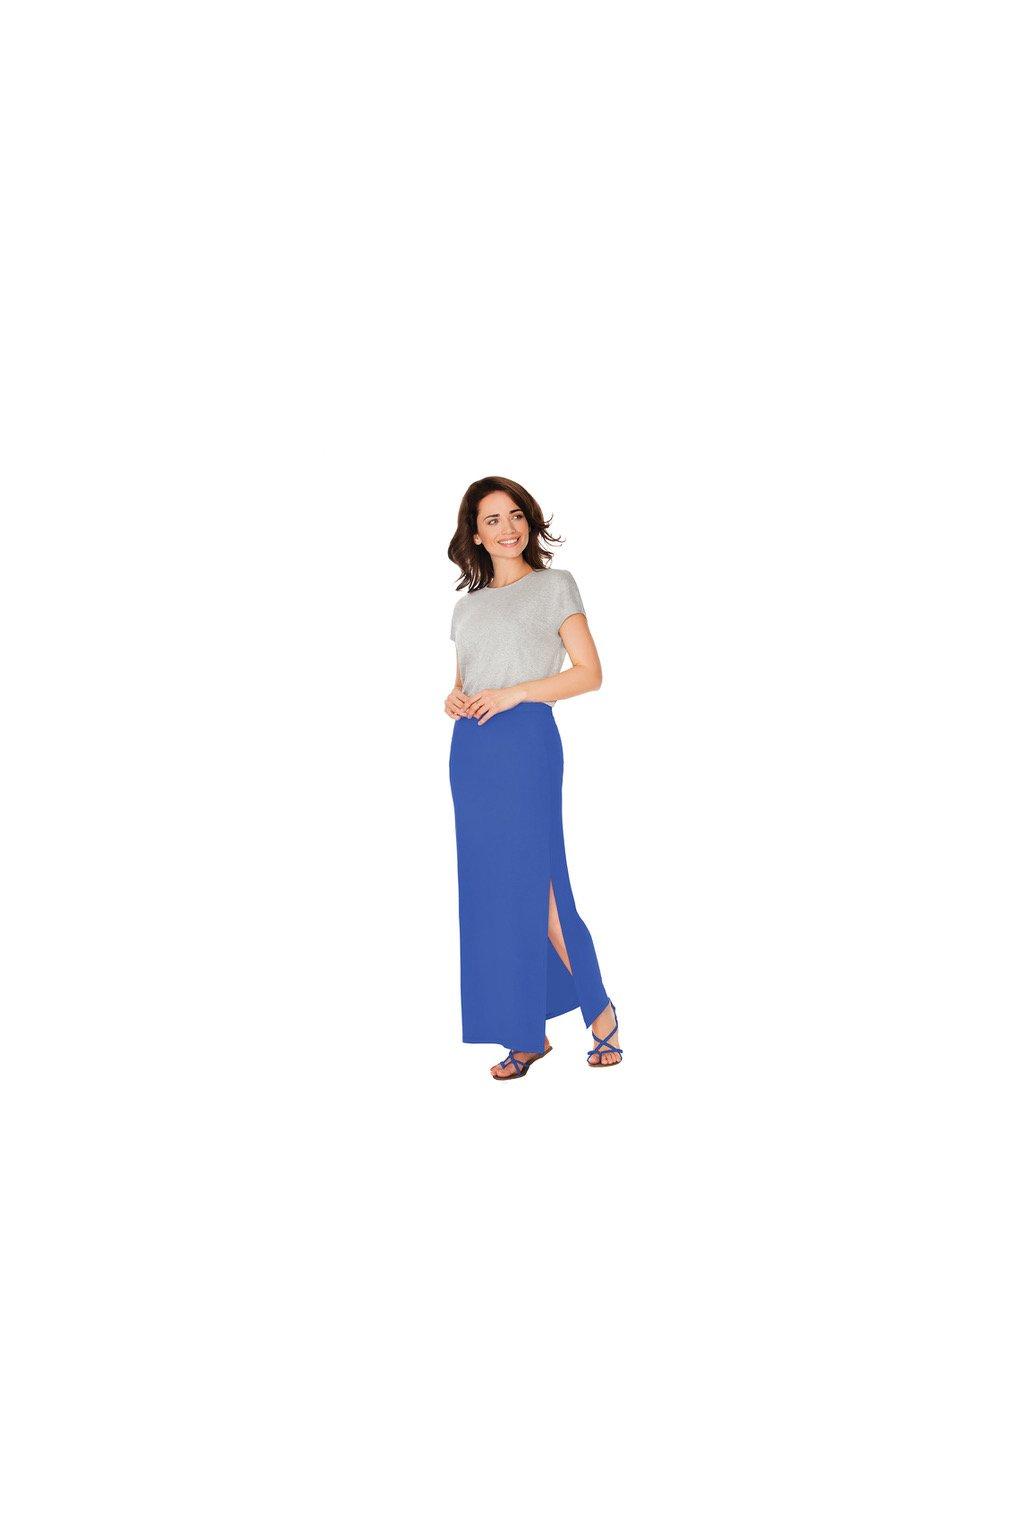 Dámská sukně, 10586 299, modrá